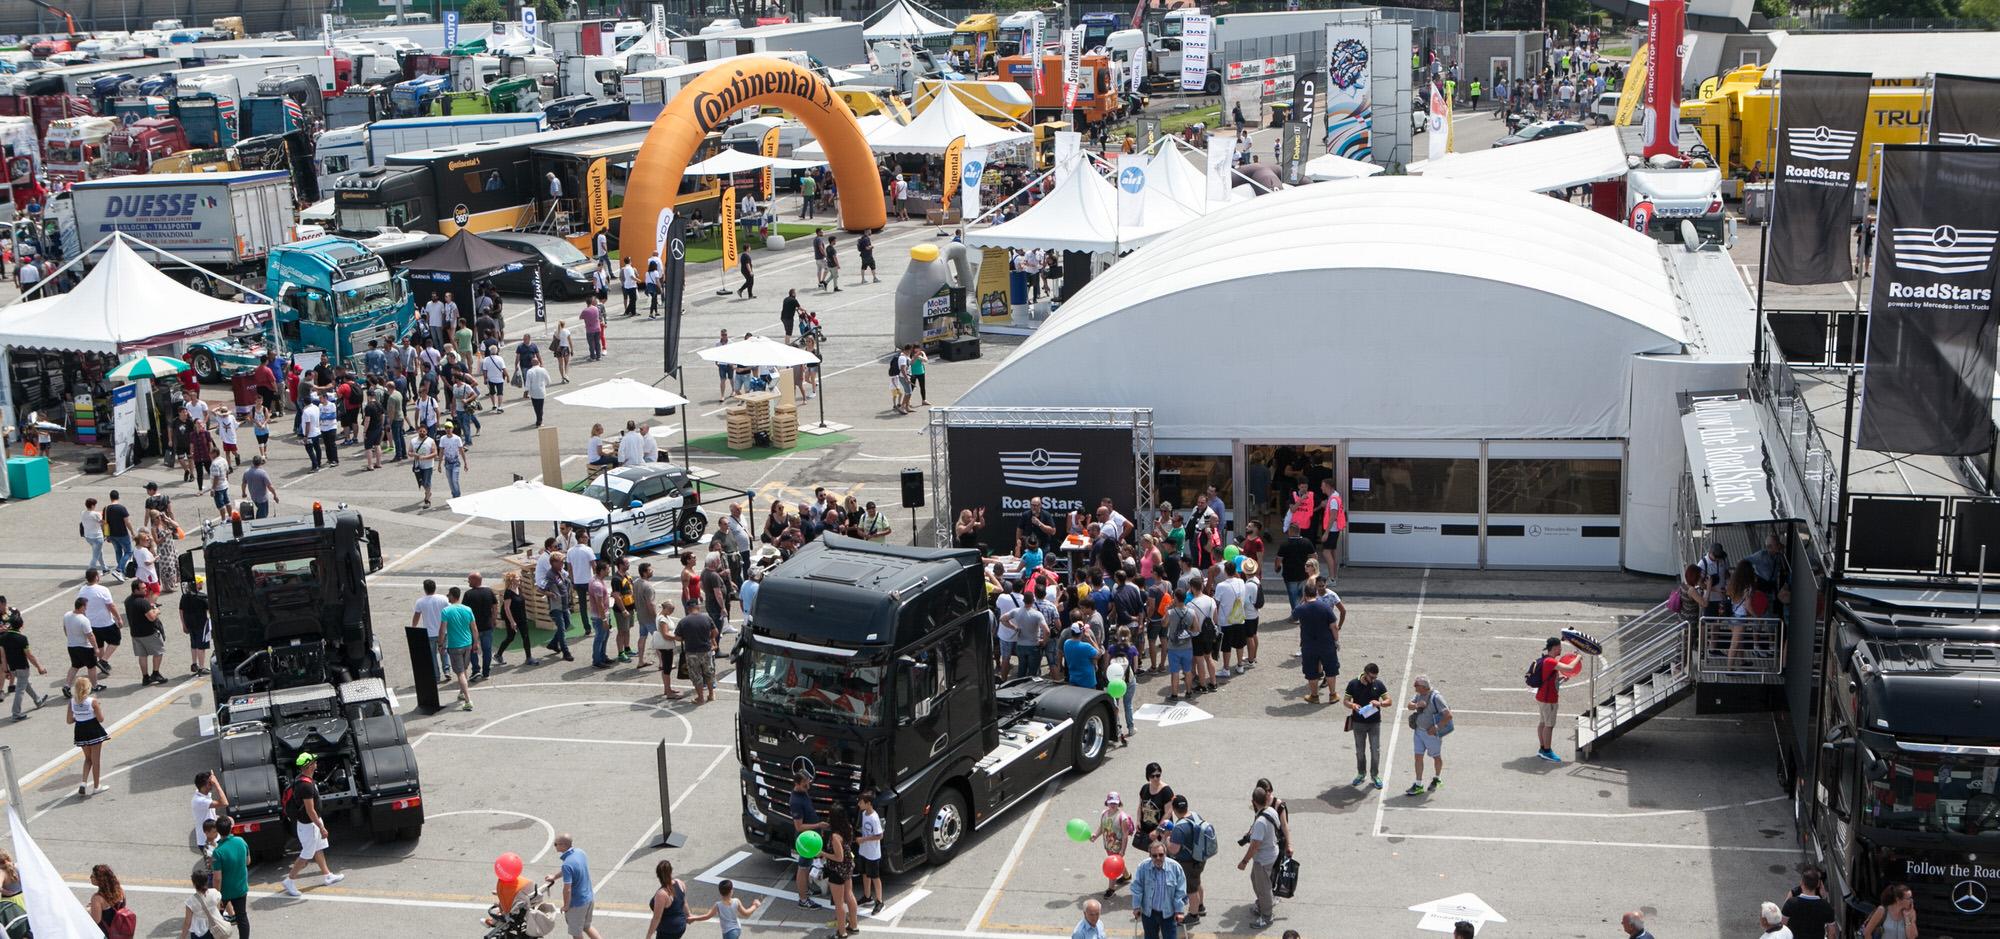 gran-prix-truck-gruppo-peroni-eventi-03